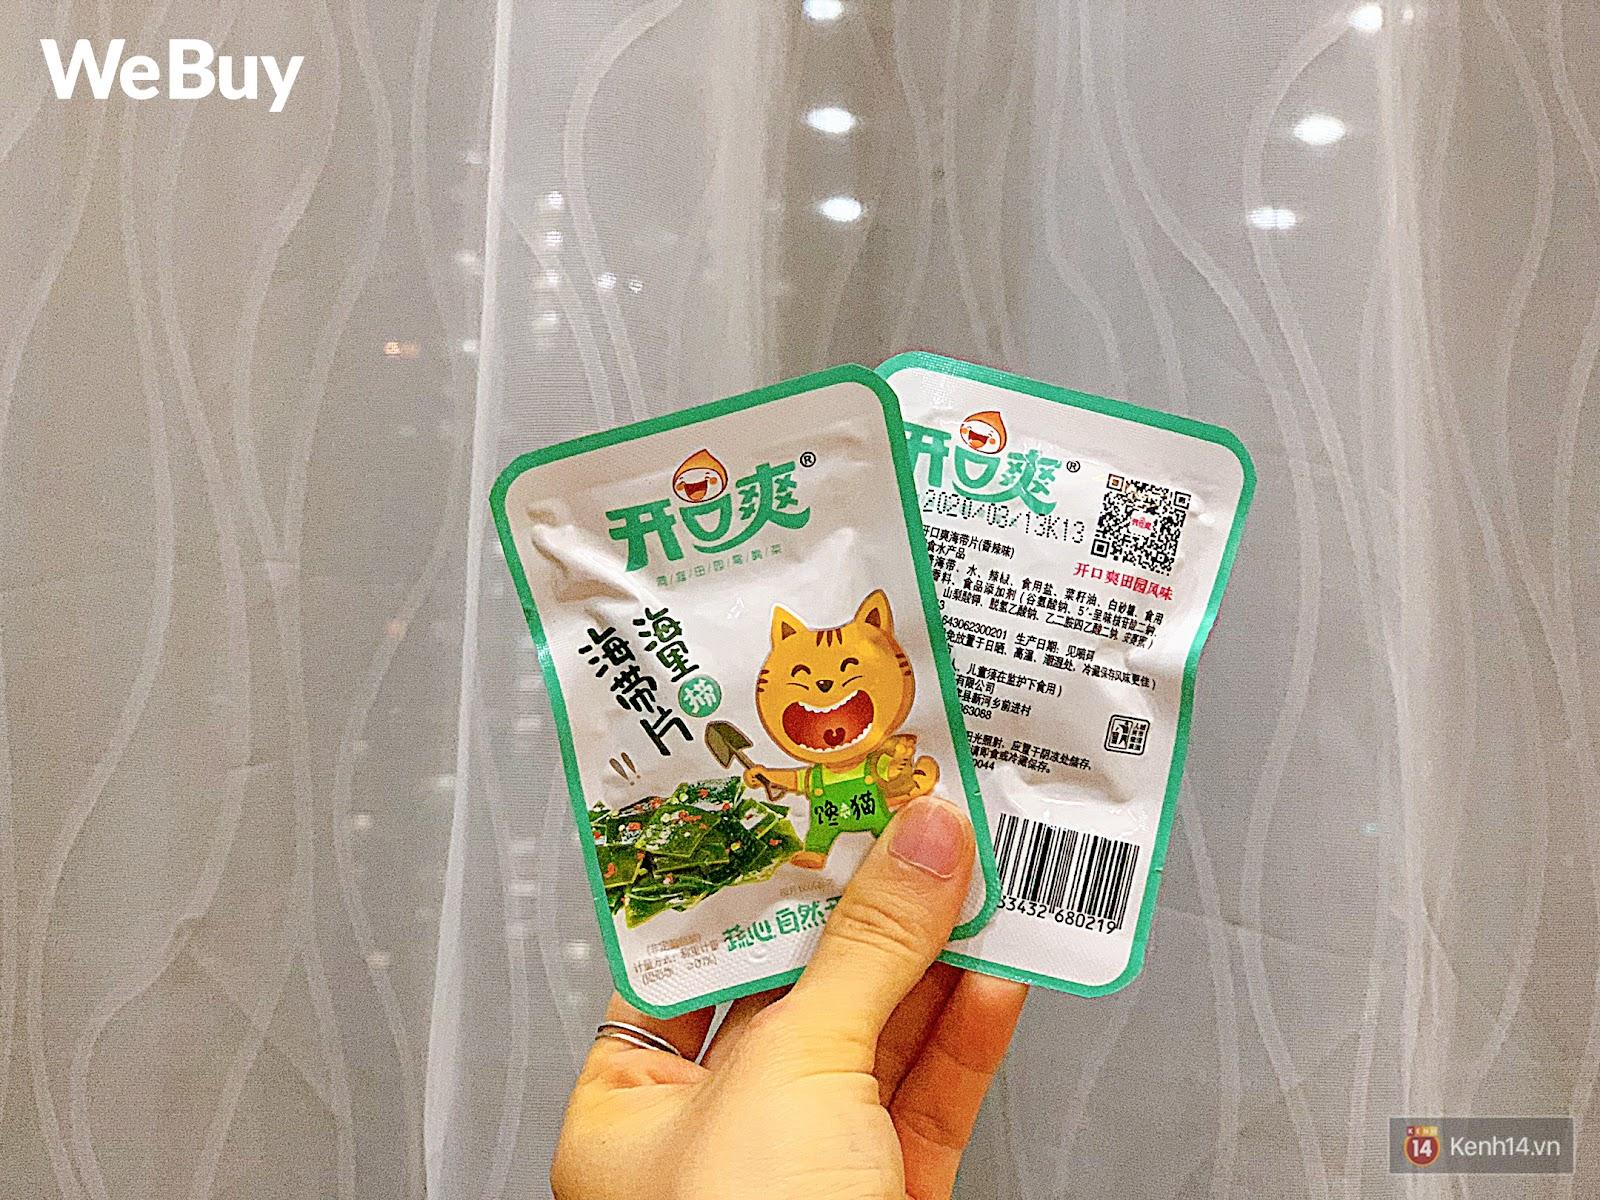 """Review set đồ ăn vặt nội địa Trung Quốc hot hit gần đây: Lung linh hấp dẫn là thế nhưng ăn thử mới thấy như bị... """"lừa tình"""" - Ảnh 8."""